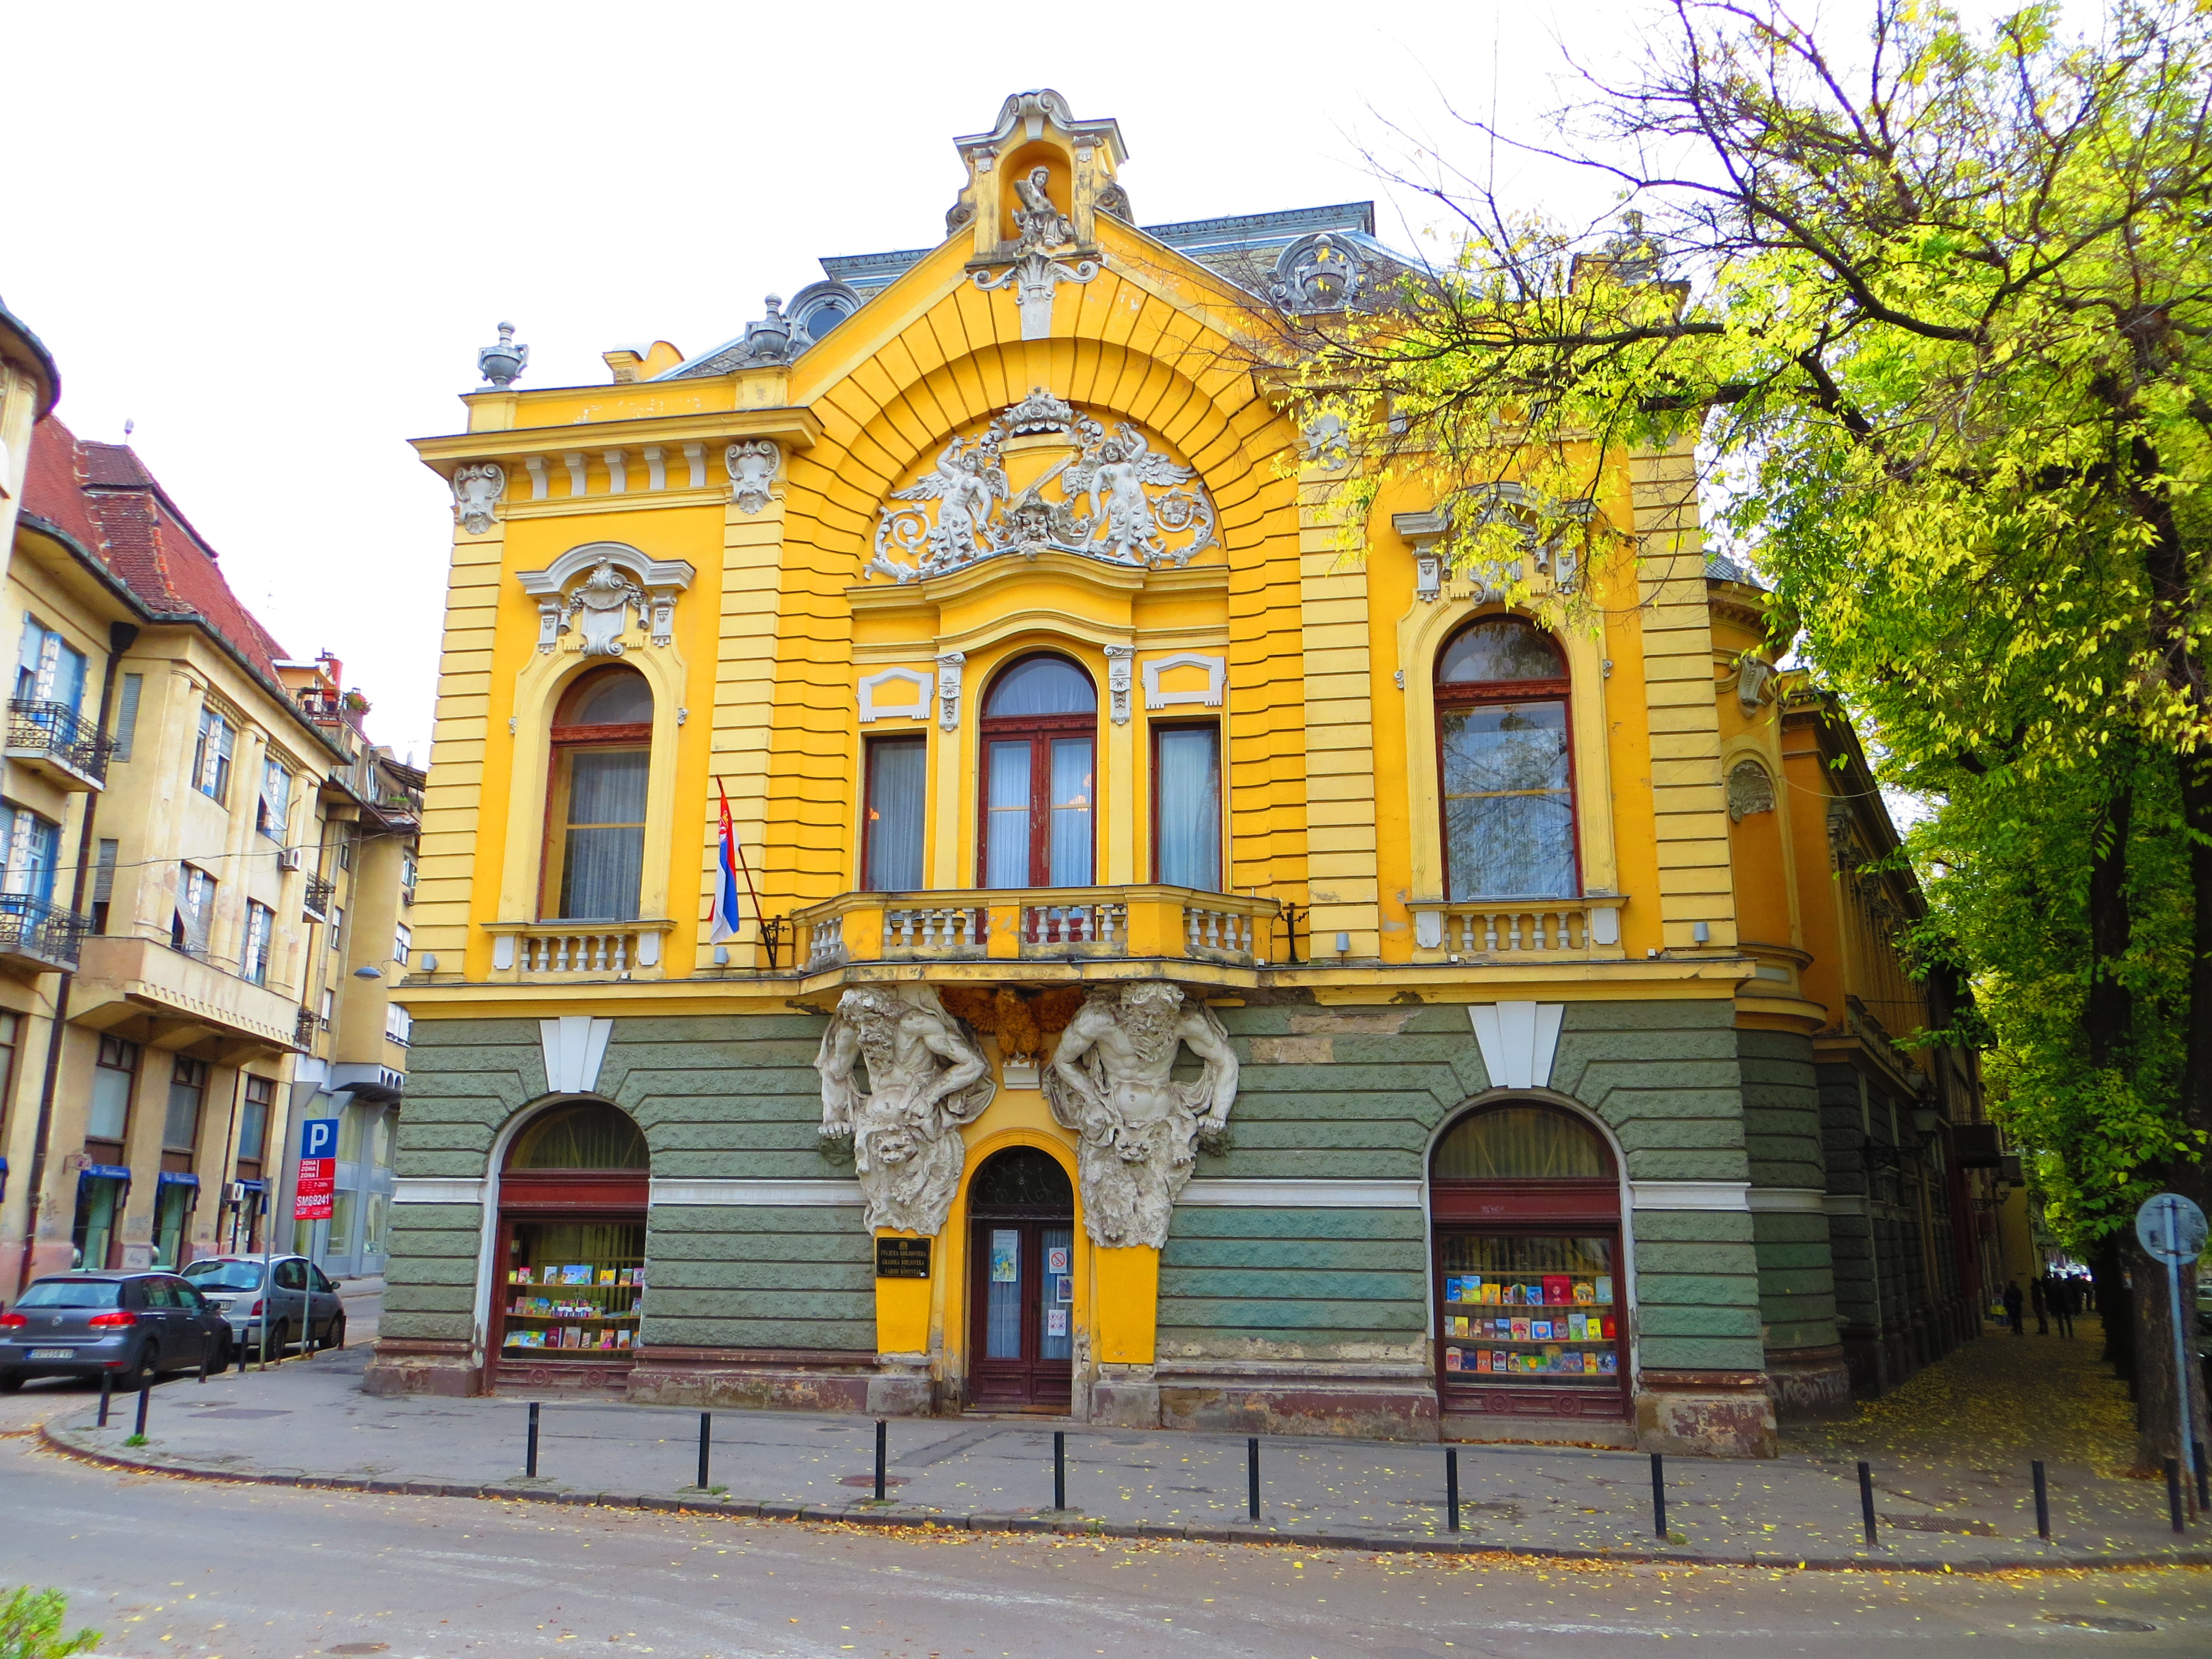 Matrimoniale Drochia Moldova compatibilitate